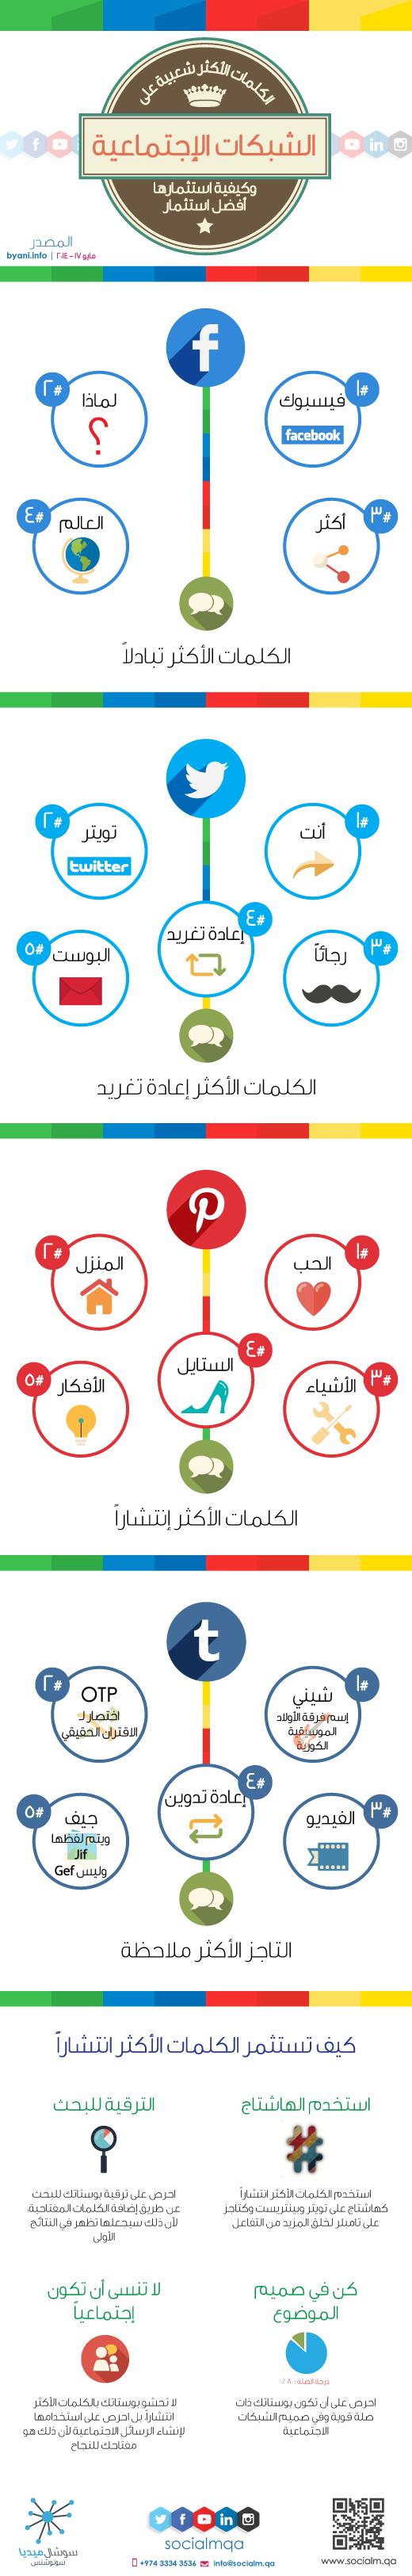 """""""انفوجرافيك للكلمات الأكثر استخداماً في الشبكات الإجتماعية"""